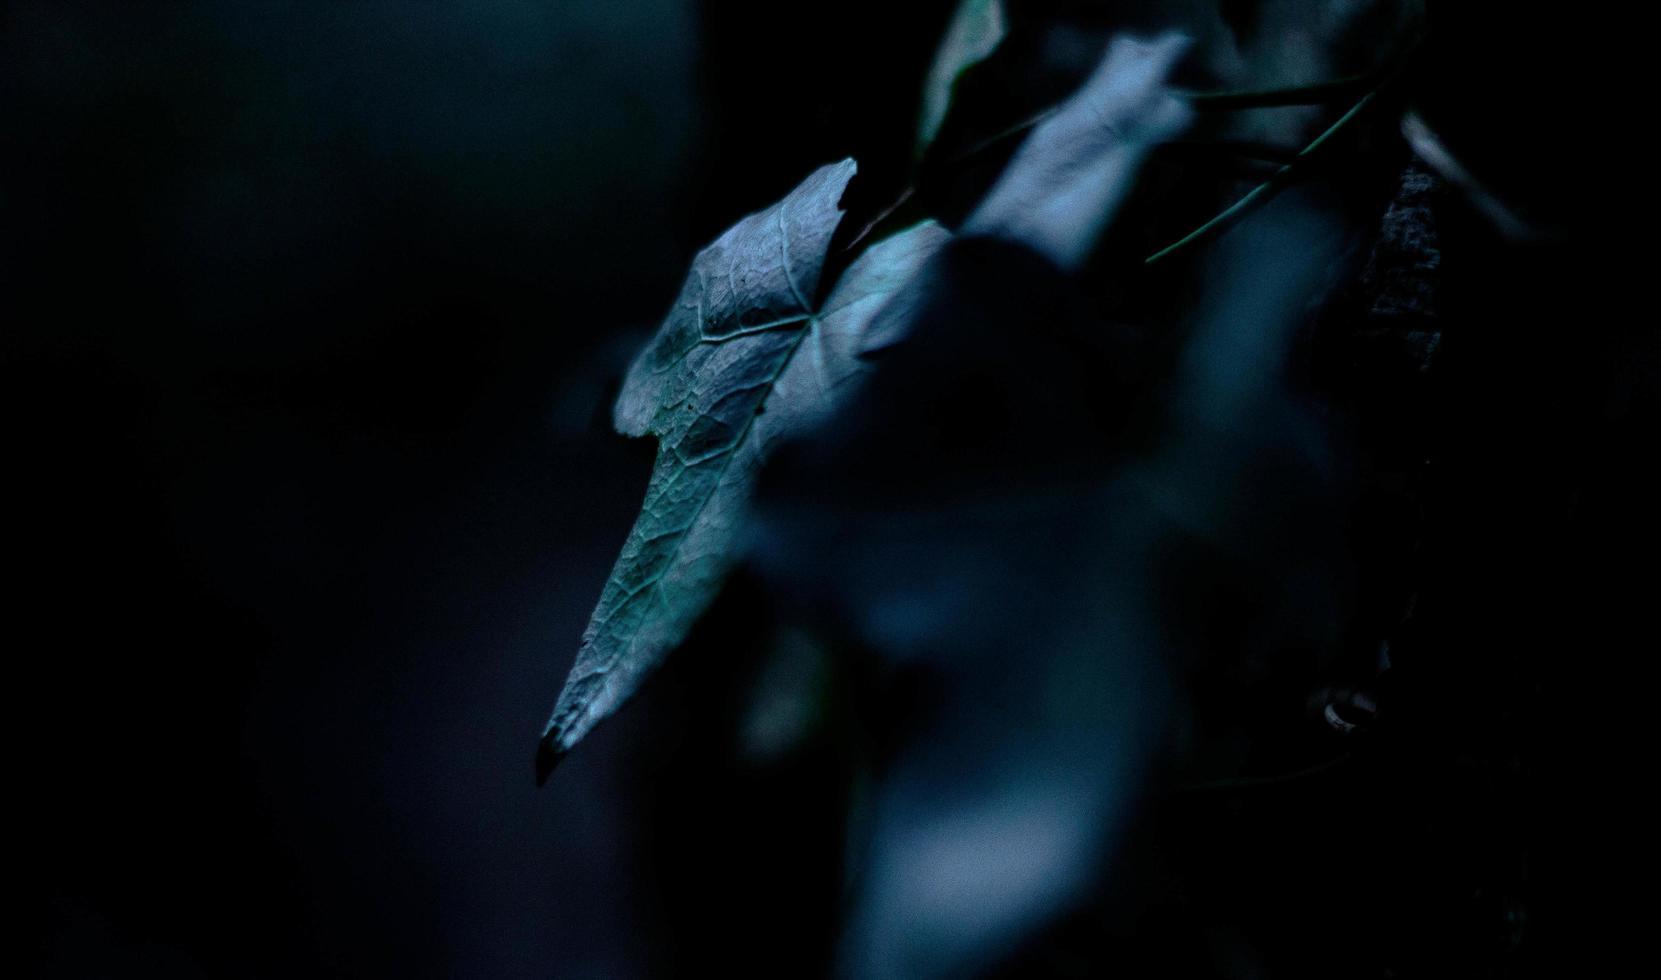 foglie d'edera di notte foto